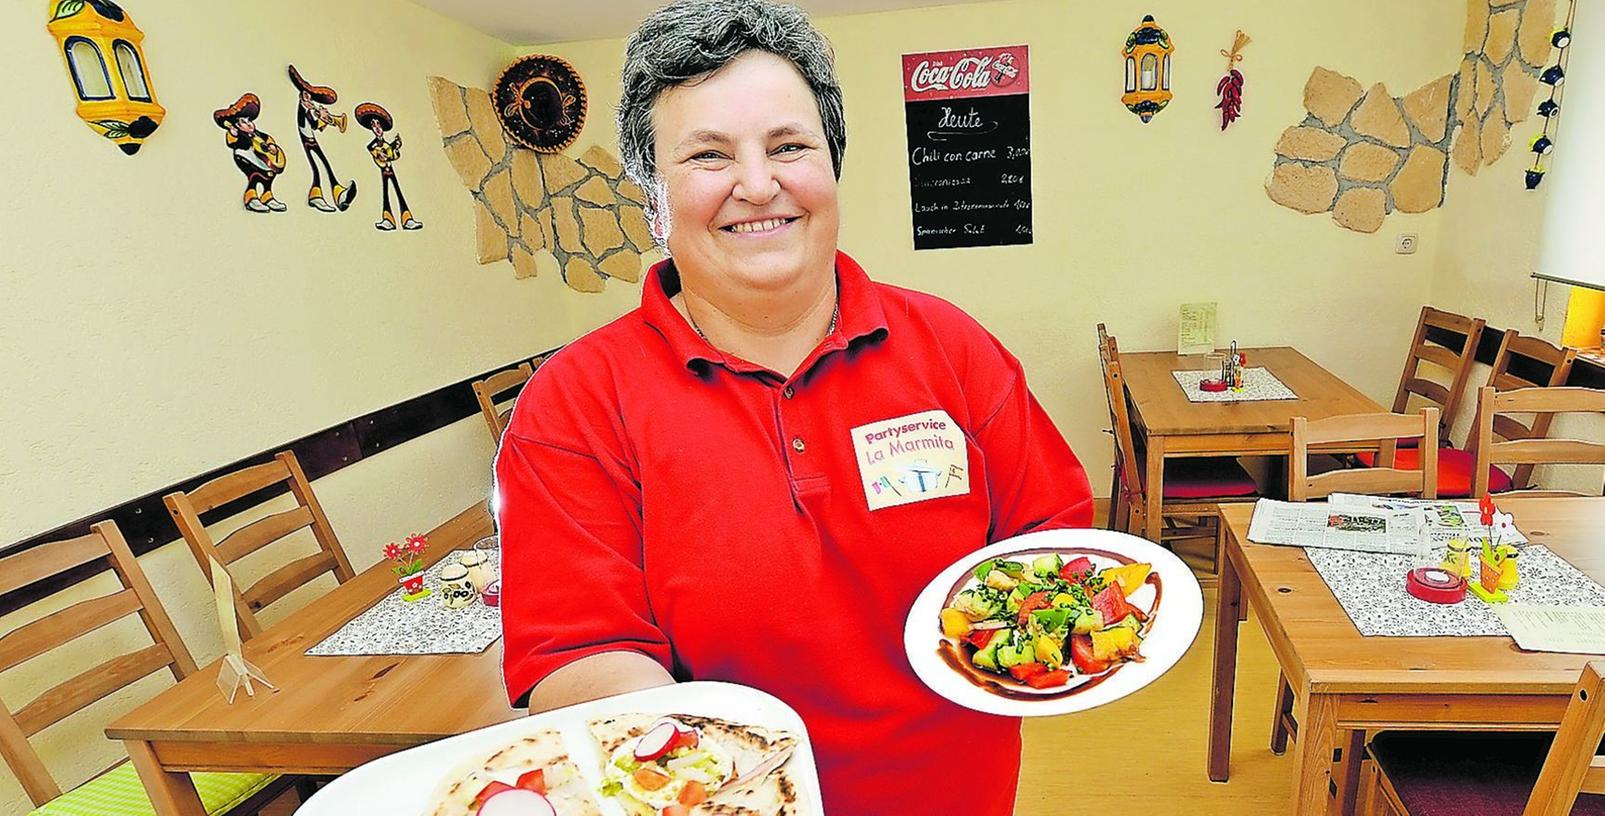 """Petra Kokl in ihrer kleinen """"Bodega"""" in Heßdorf. Hier serviert sie den Gästen — wie auch mit ihrem Partyservice """"La Marmita"""" — Spezialitäten aus Spanien und Mexico."""